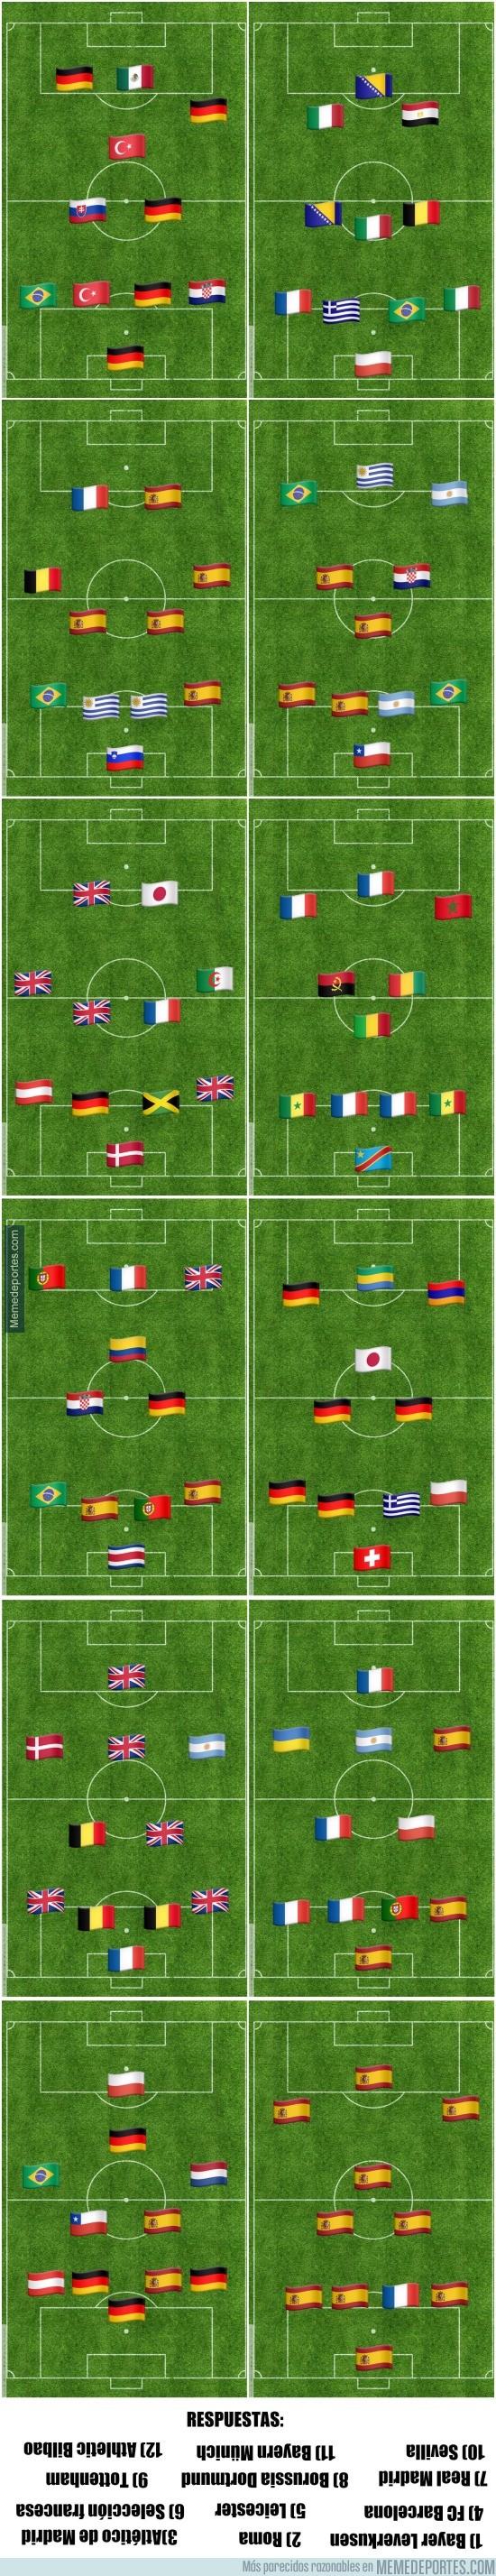 806673 - ¿Sabrías reconocer estos equipos europeos con las banderas de su país? (Nivel fácil)